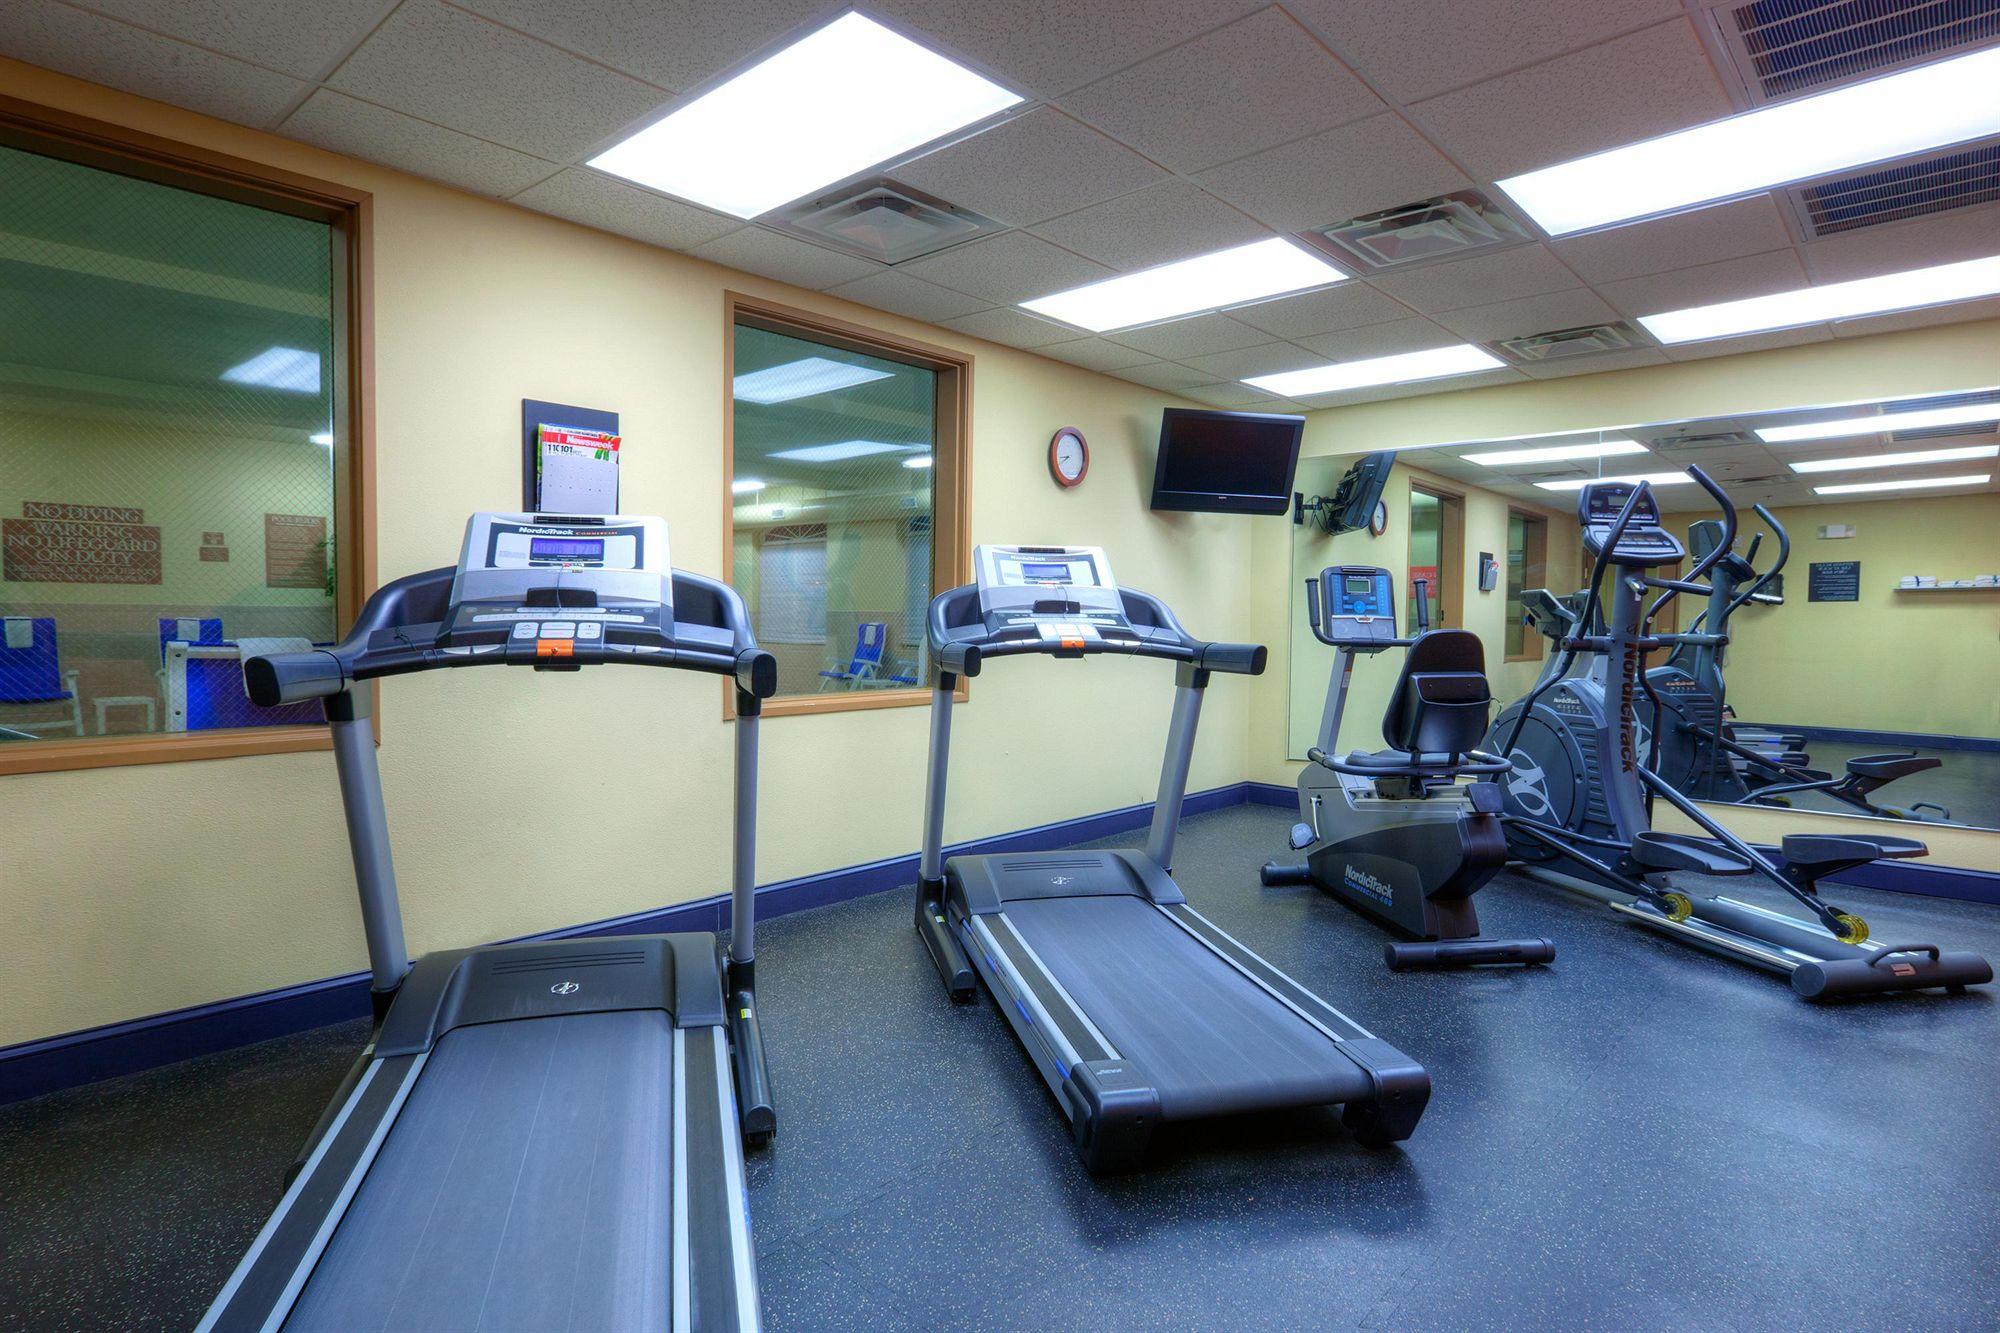 Country Inns & Suites in Emporia, VA